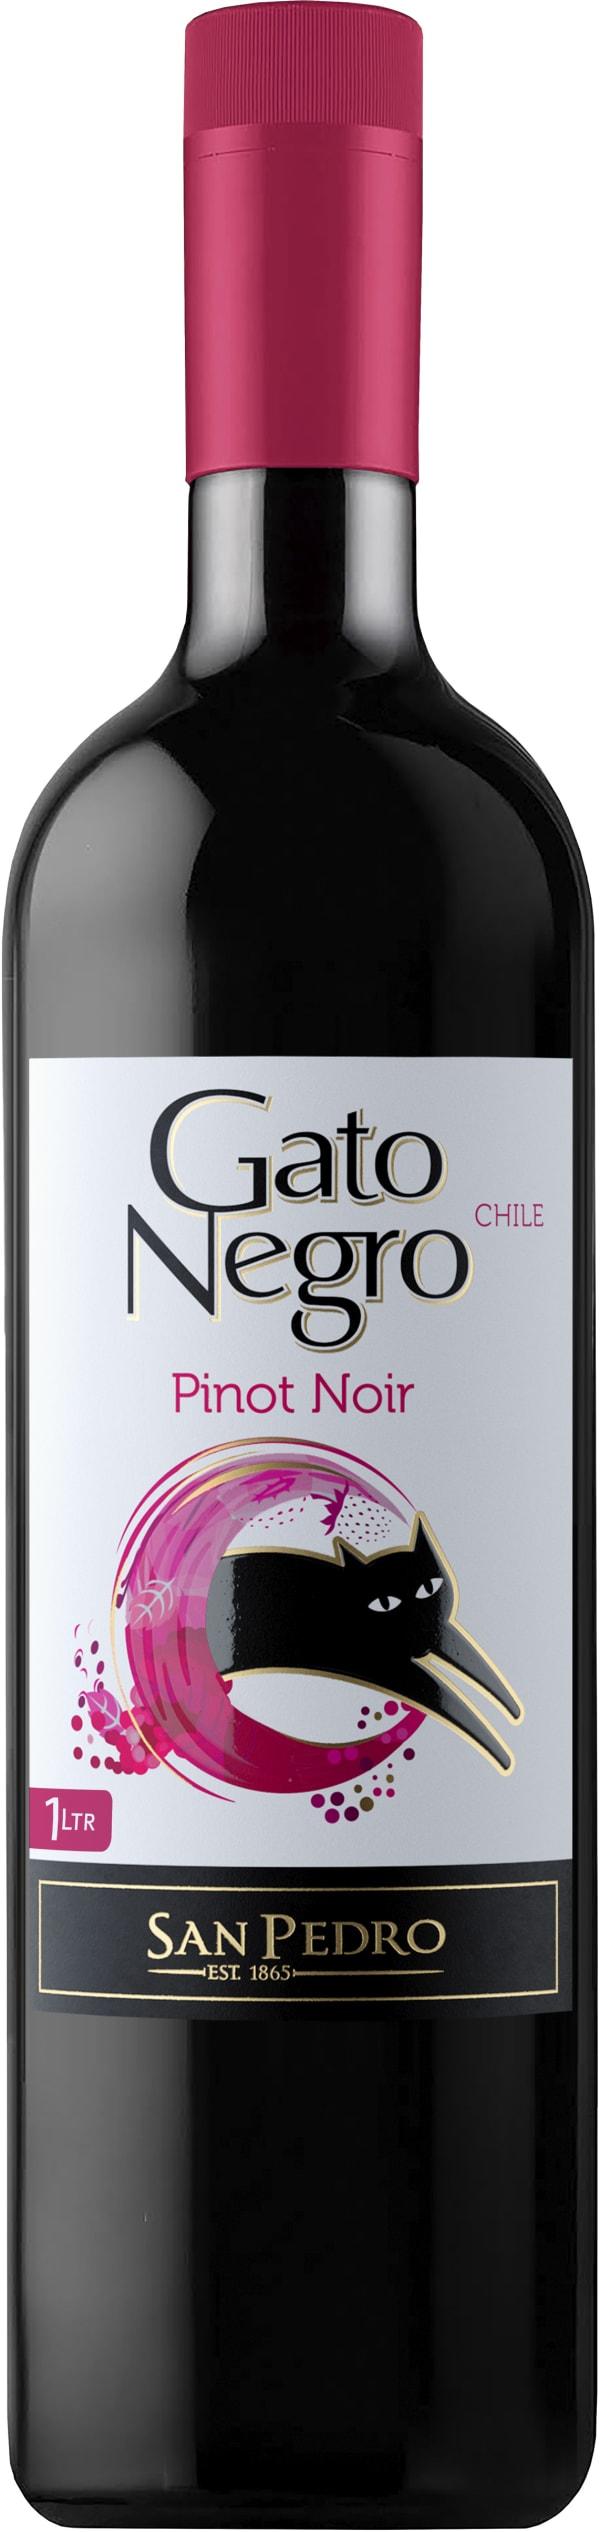 Gato Negro Pinot Noir 2019 plastic bottle